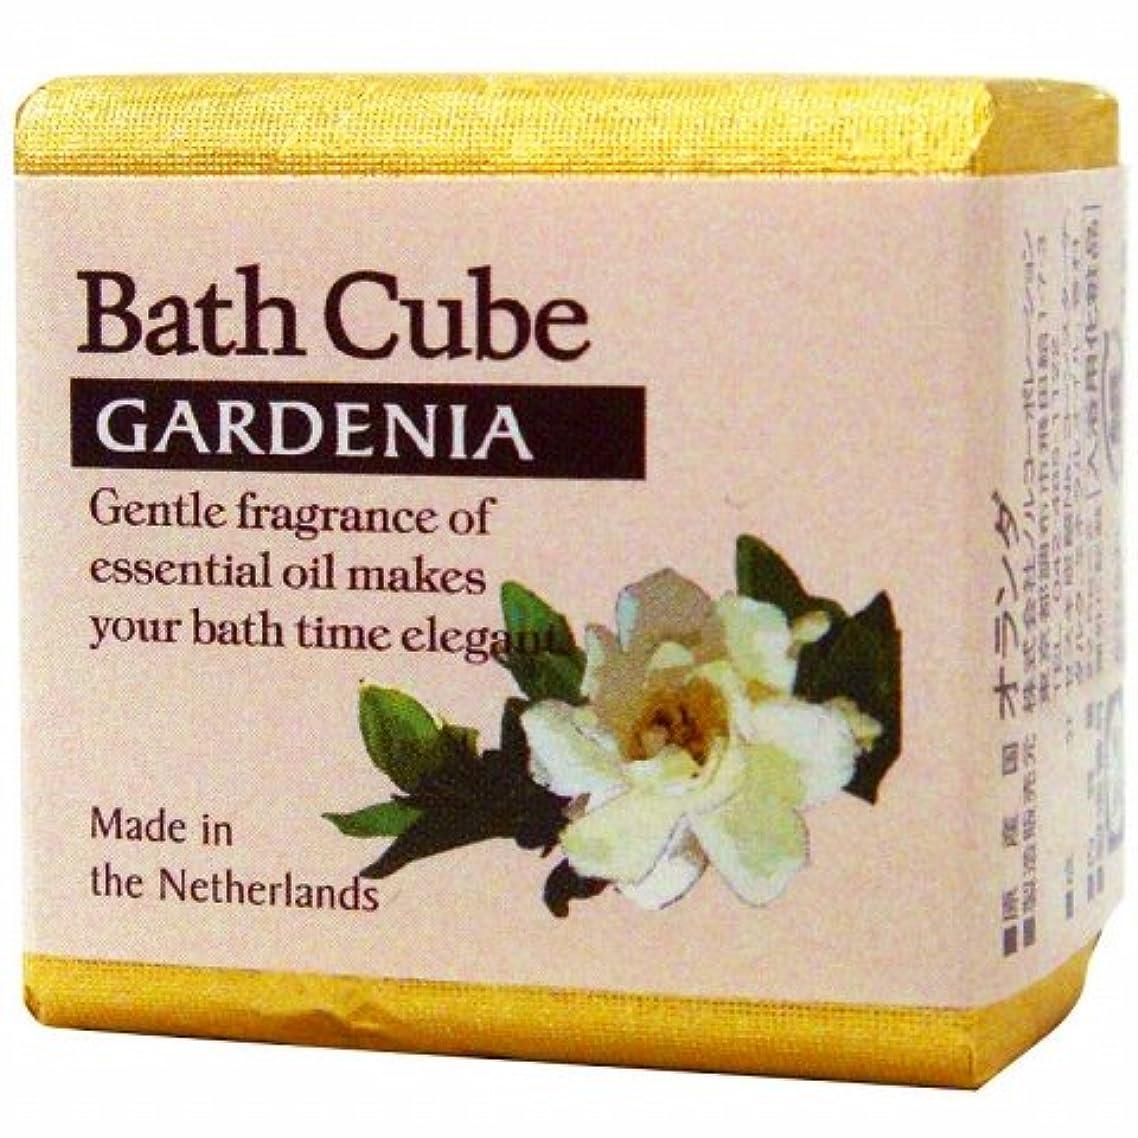 発表する冷淡なパンダフレグランスバスキューブ「ガーデニア」12個セット 甘く咲き誇るくちなしの花の香り